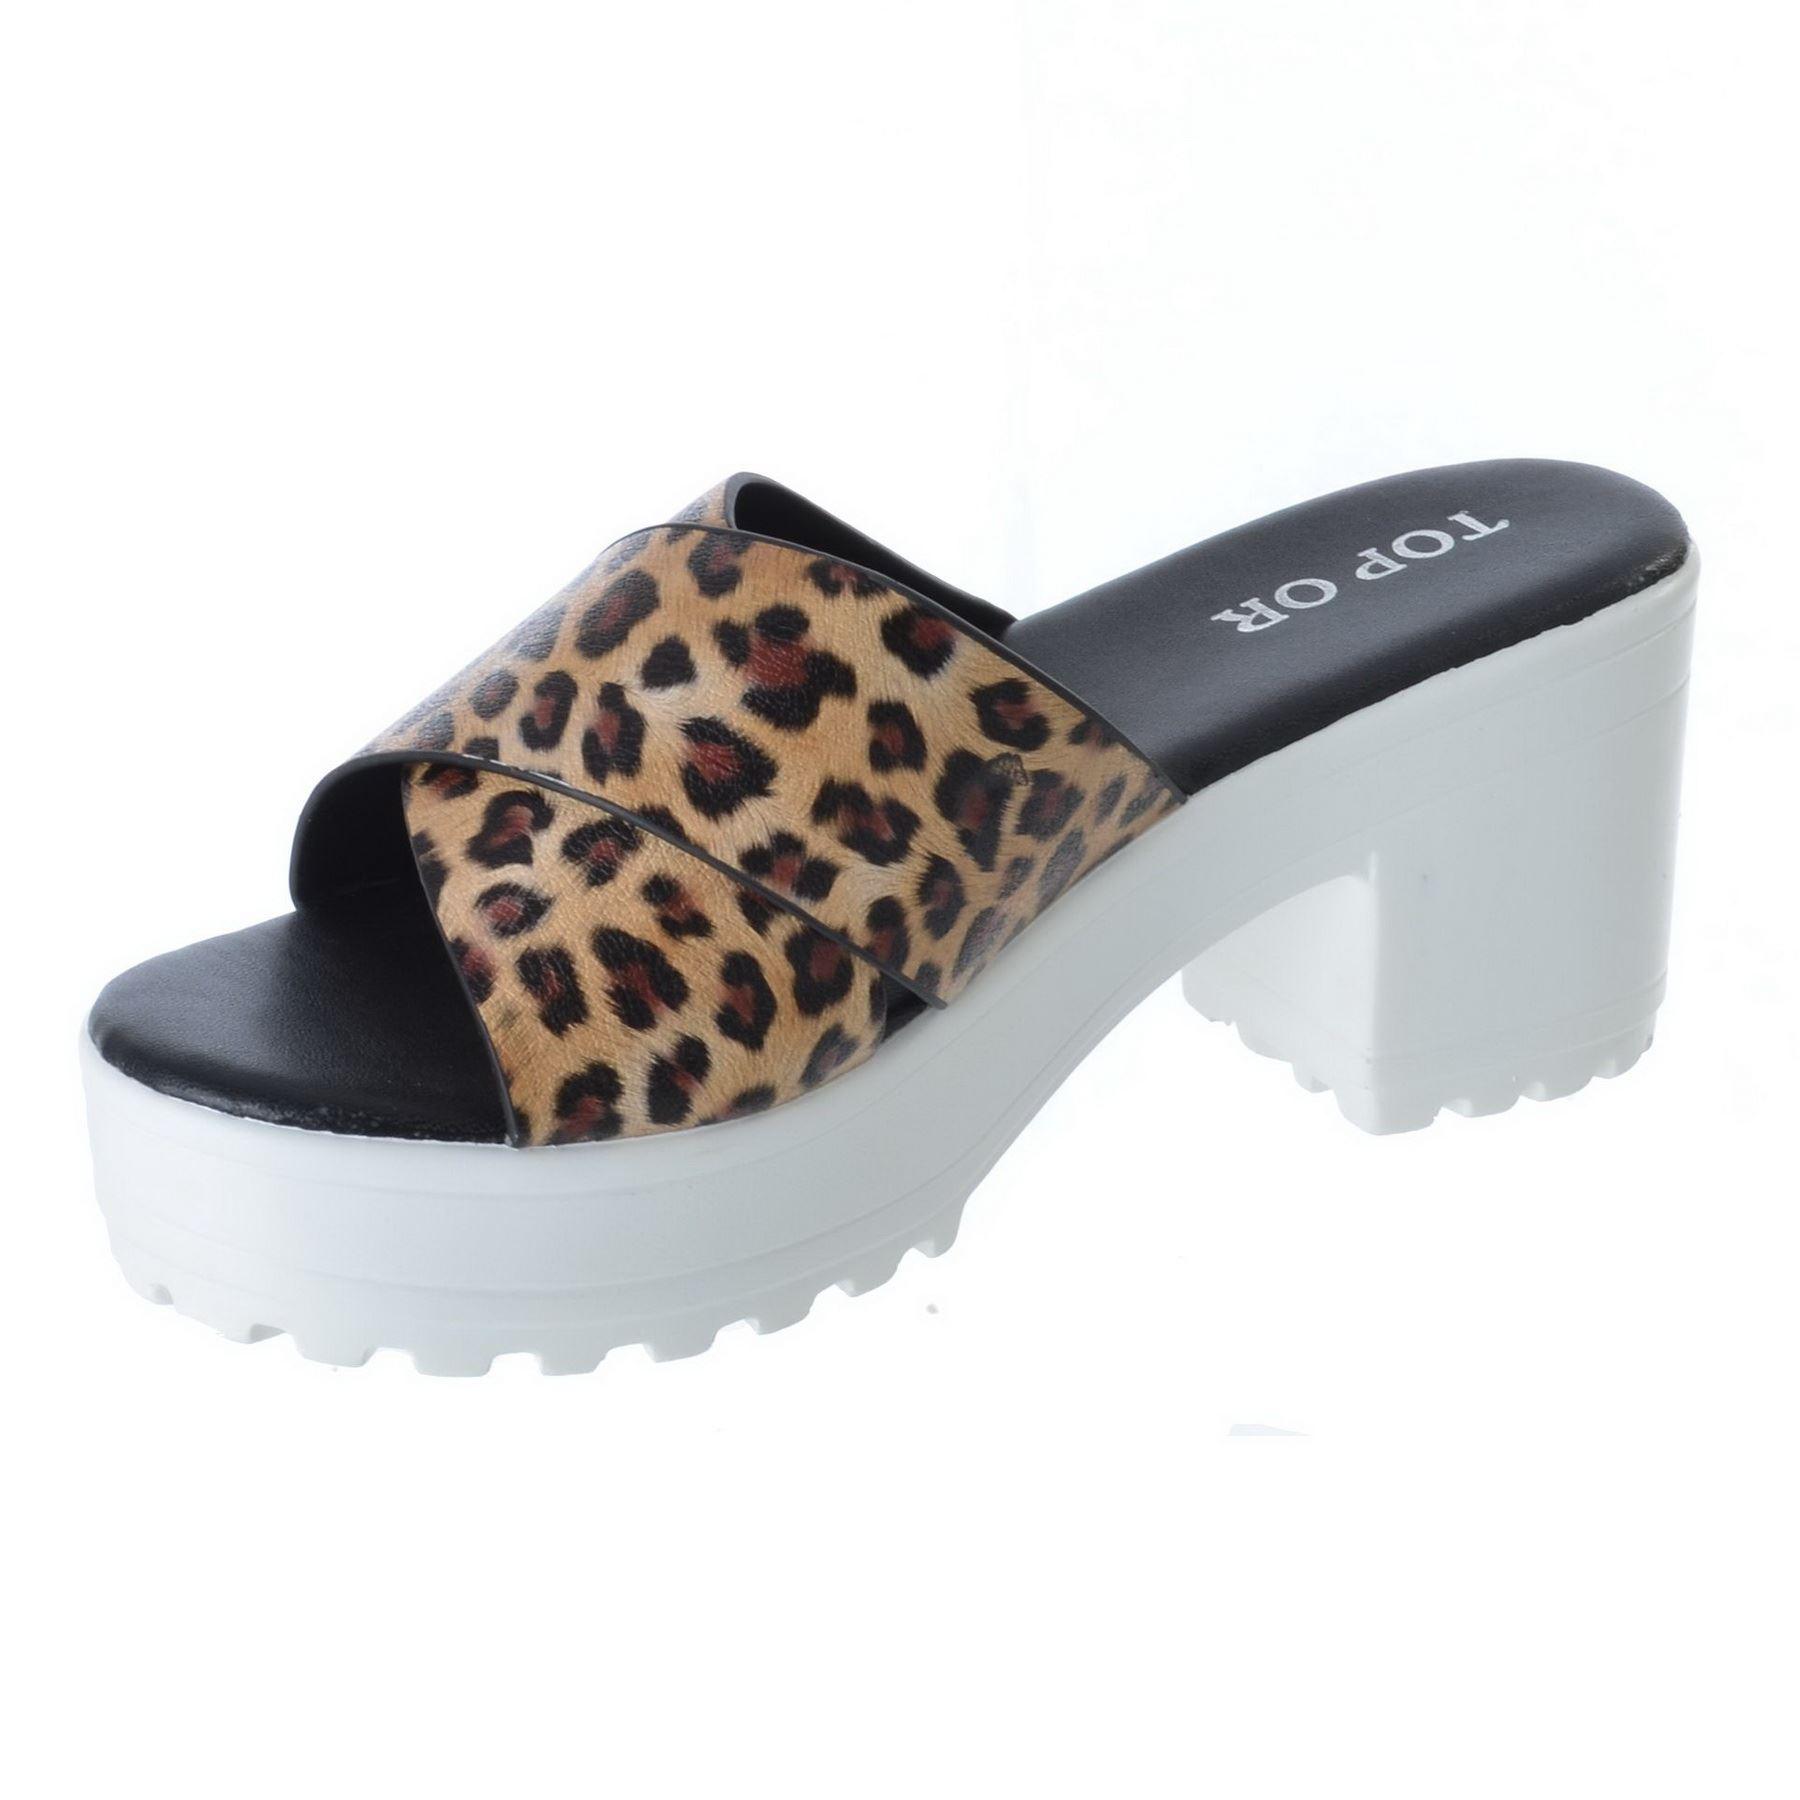 nouveau haut femmes lani res crois es plateforme talon moyen sandales mules chaussures ebay. Black Bedroom Furniture Sets. Home Design Ideas